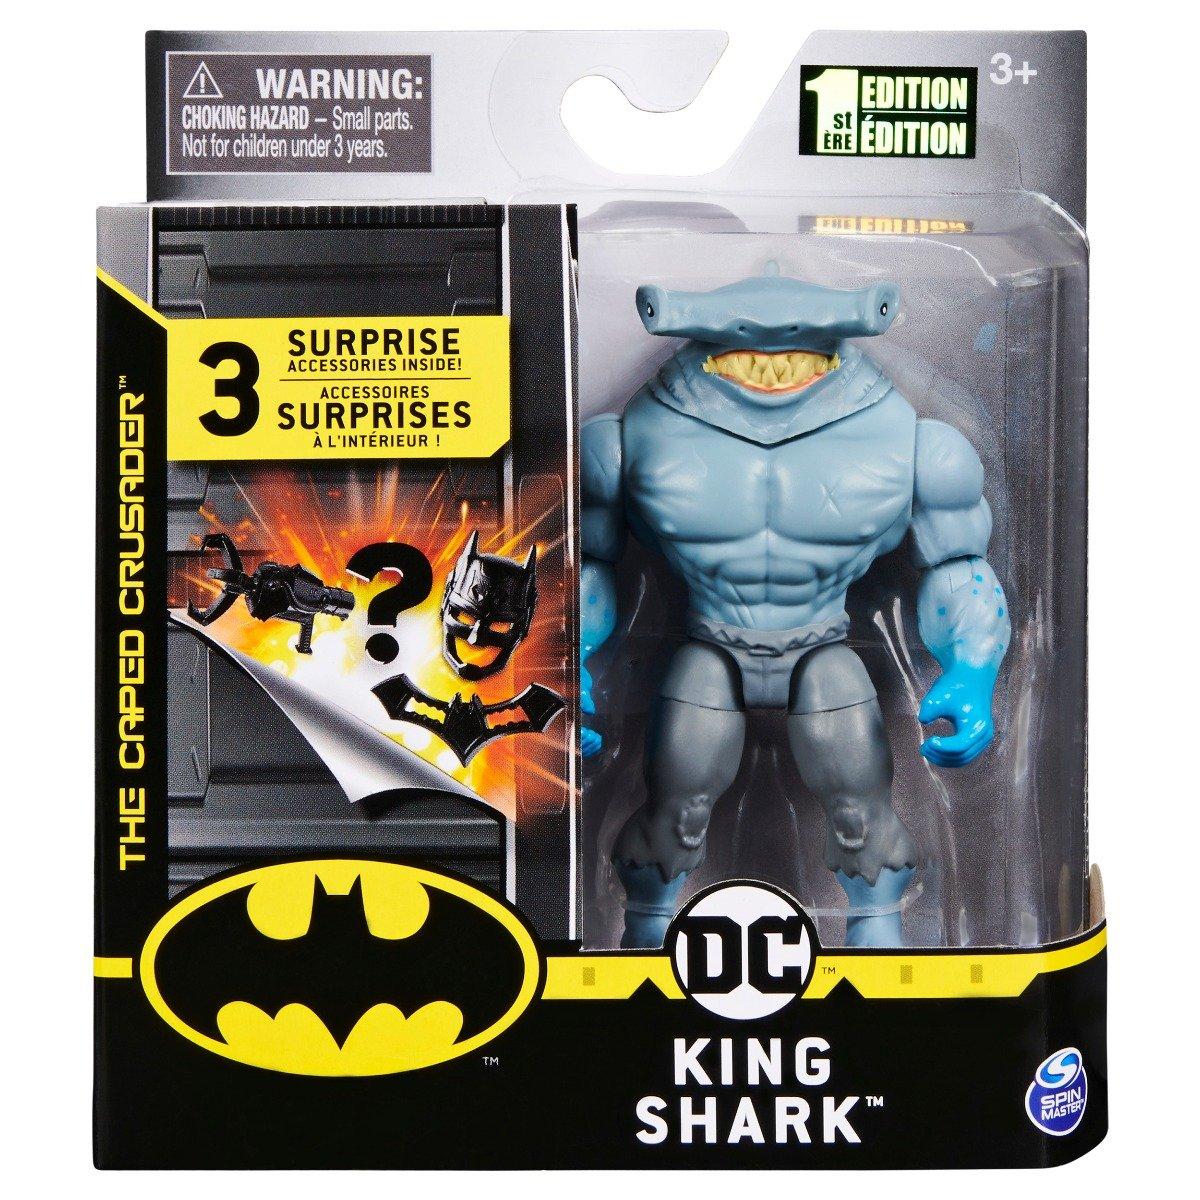 Set Figurina cu accesorii surpriza Batman, King Shark 20125792